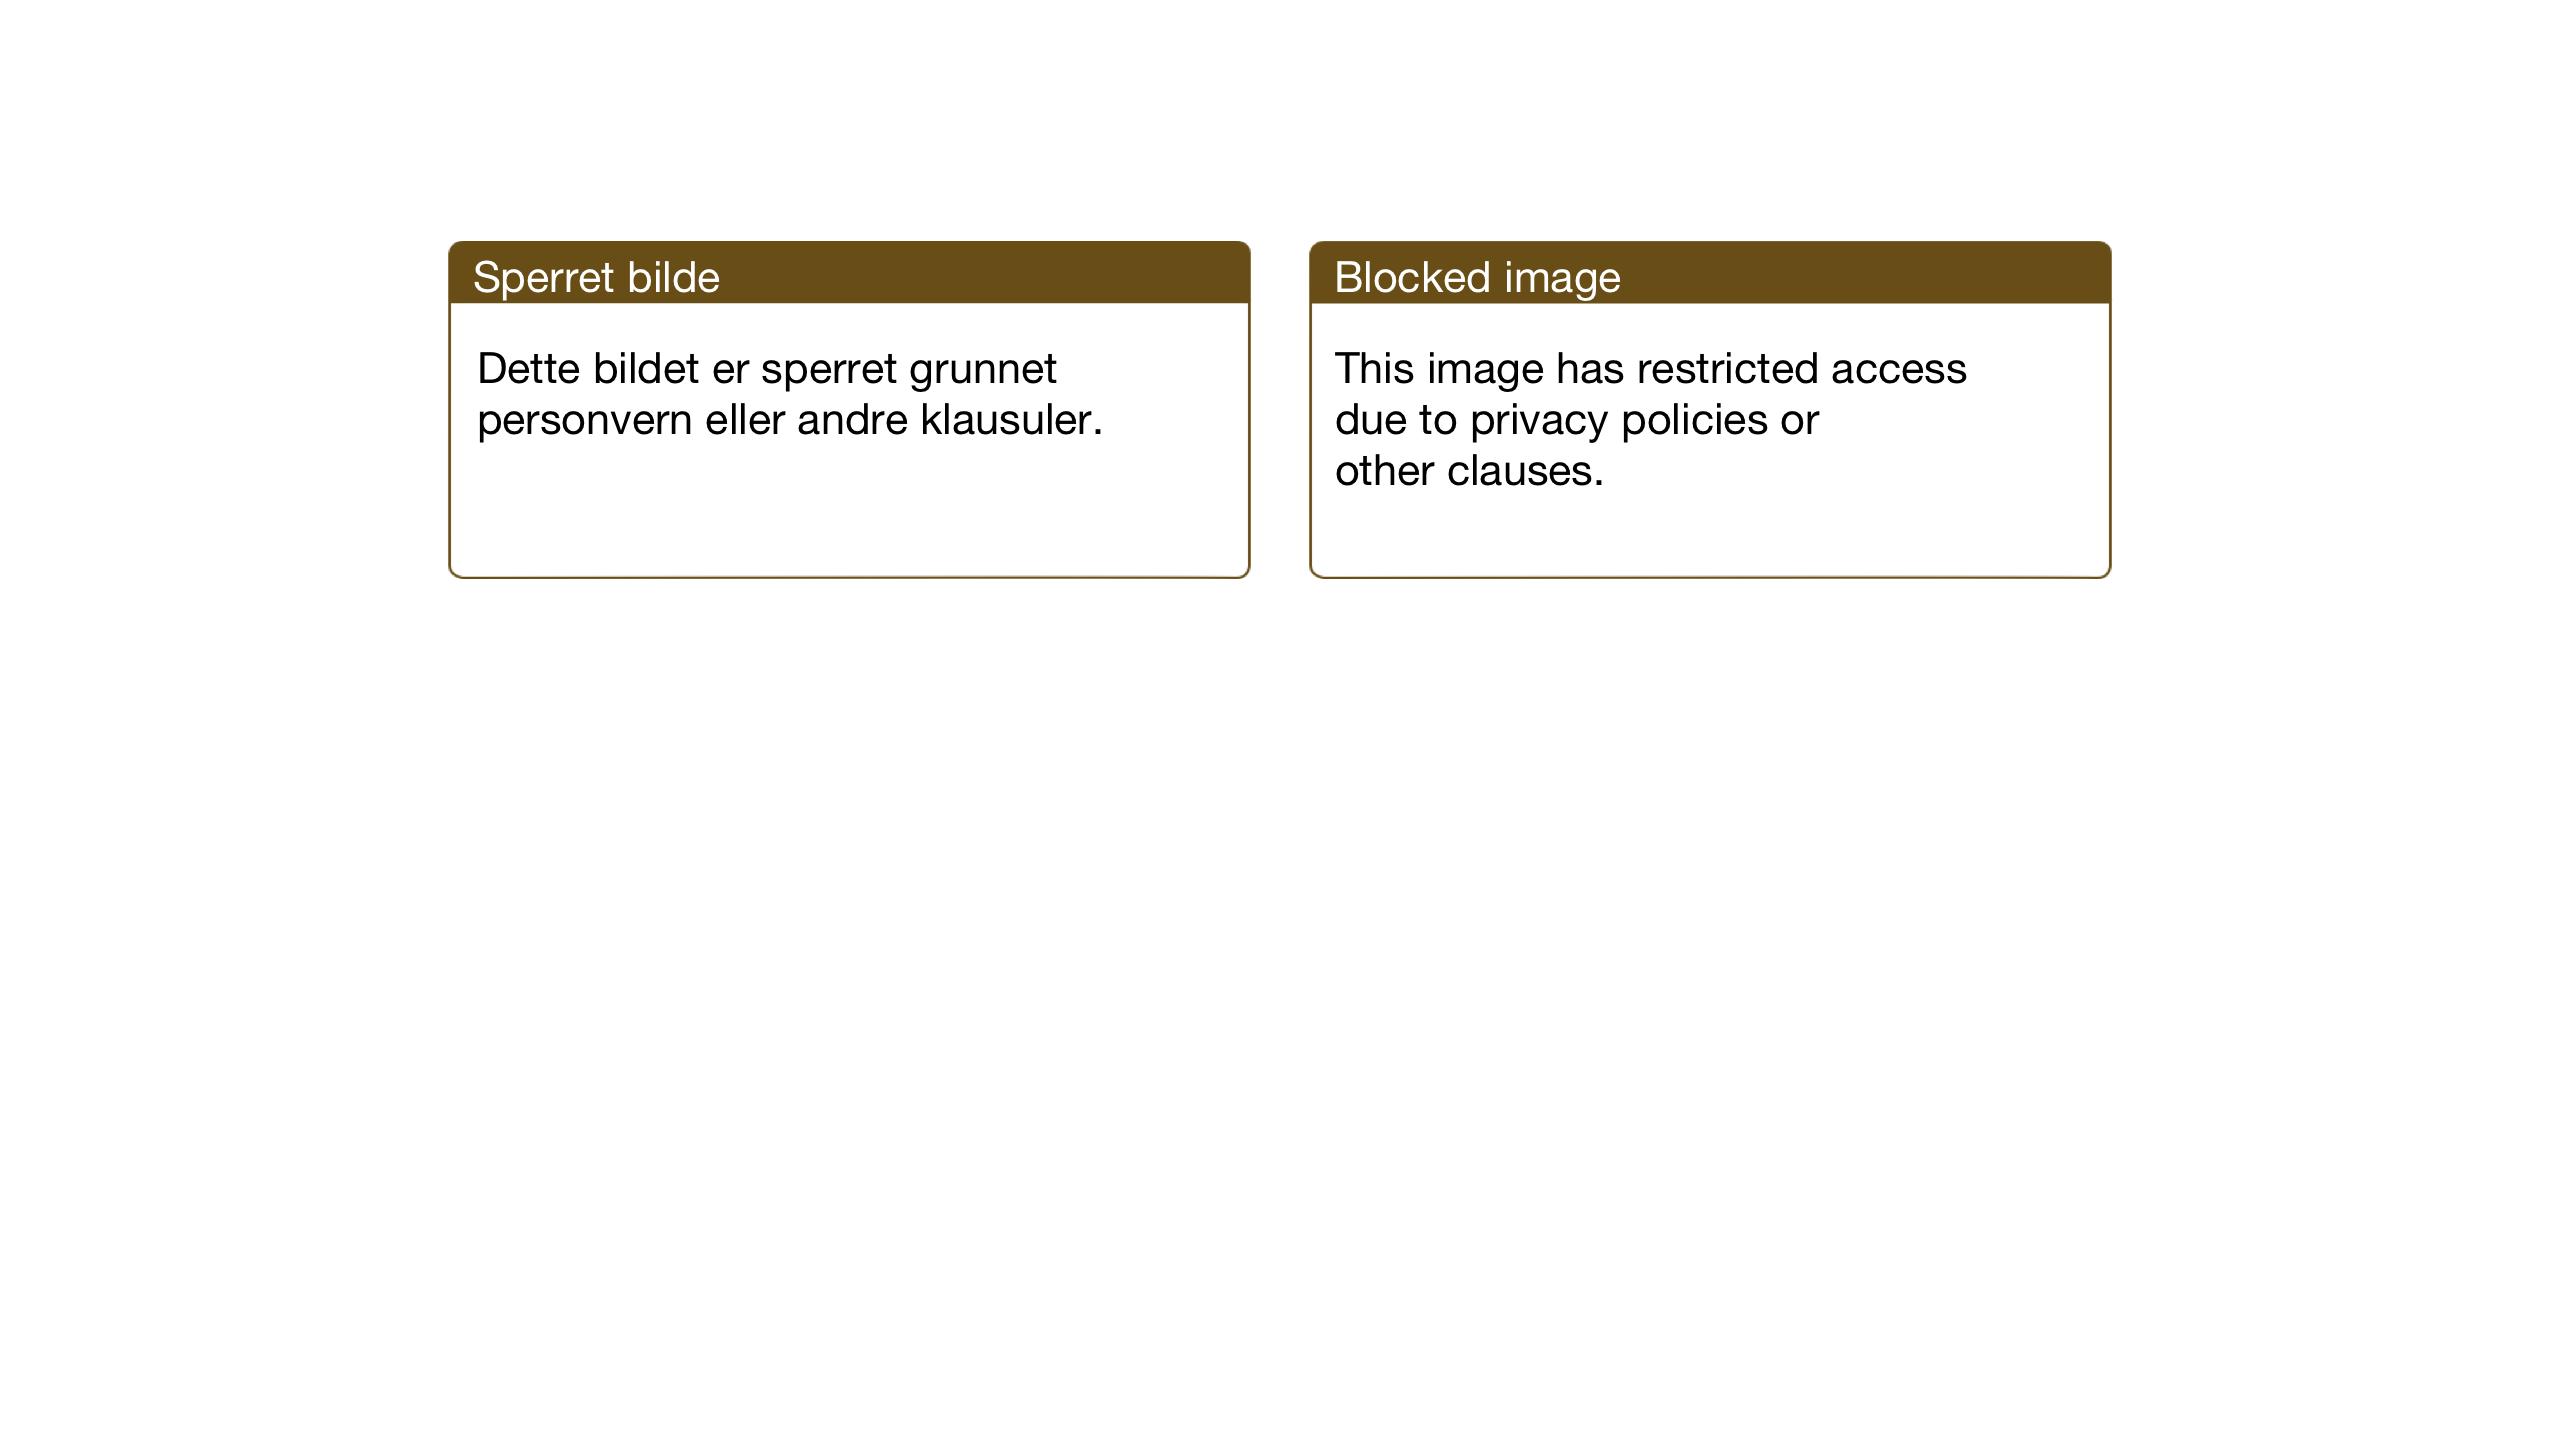 SAT, Ministerialprotokoller, klokkerbøker og fødselsregistre - Nord-Trøndelag, 755/L0500: Klokkerbok nr. 755C01, 1920-1962, s. 52